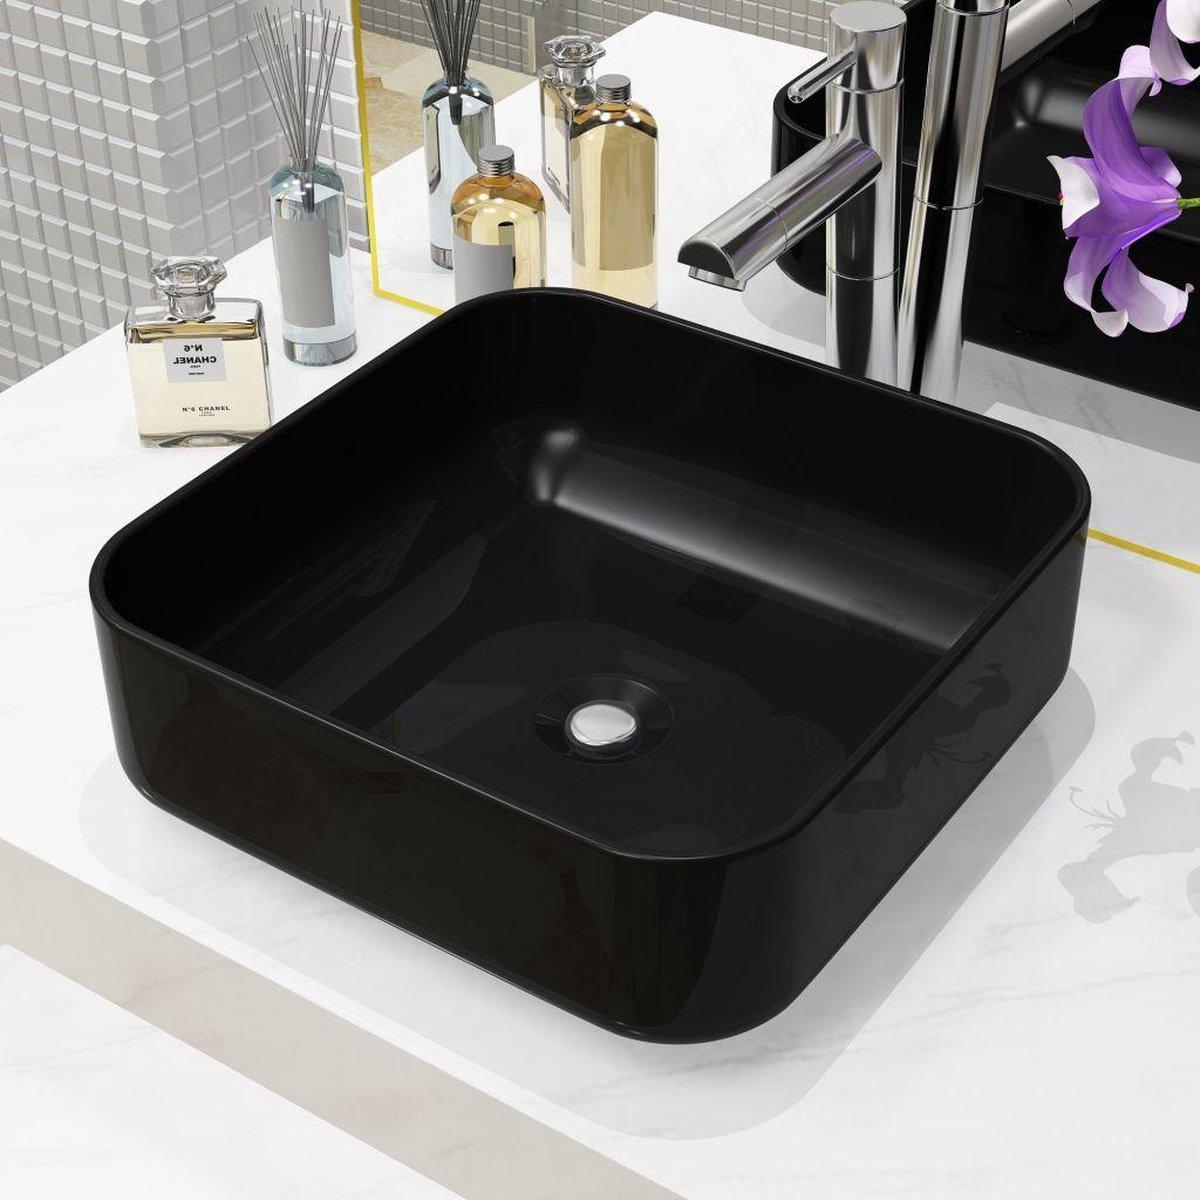 vidaXL Wastafel vierkant 38x38x13,5 cm keramiek zwart